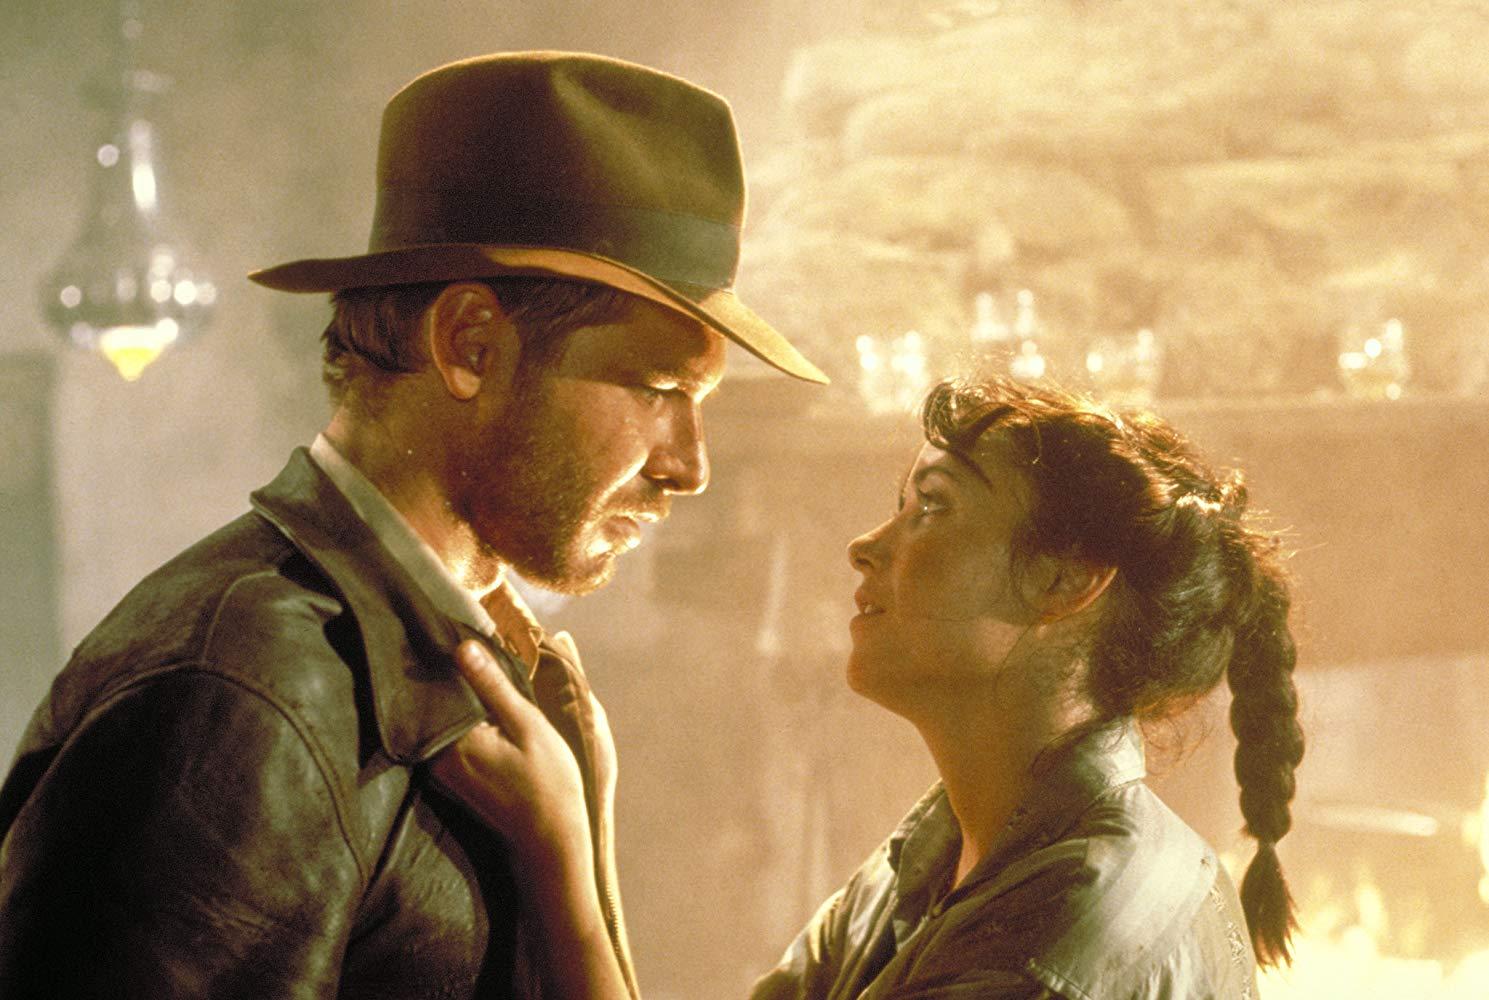 Indiana Jones (Harrison Ford) and Marion Ravenwood (Karen Allen) in Raiders of the Lost Ark (1981)